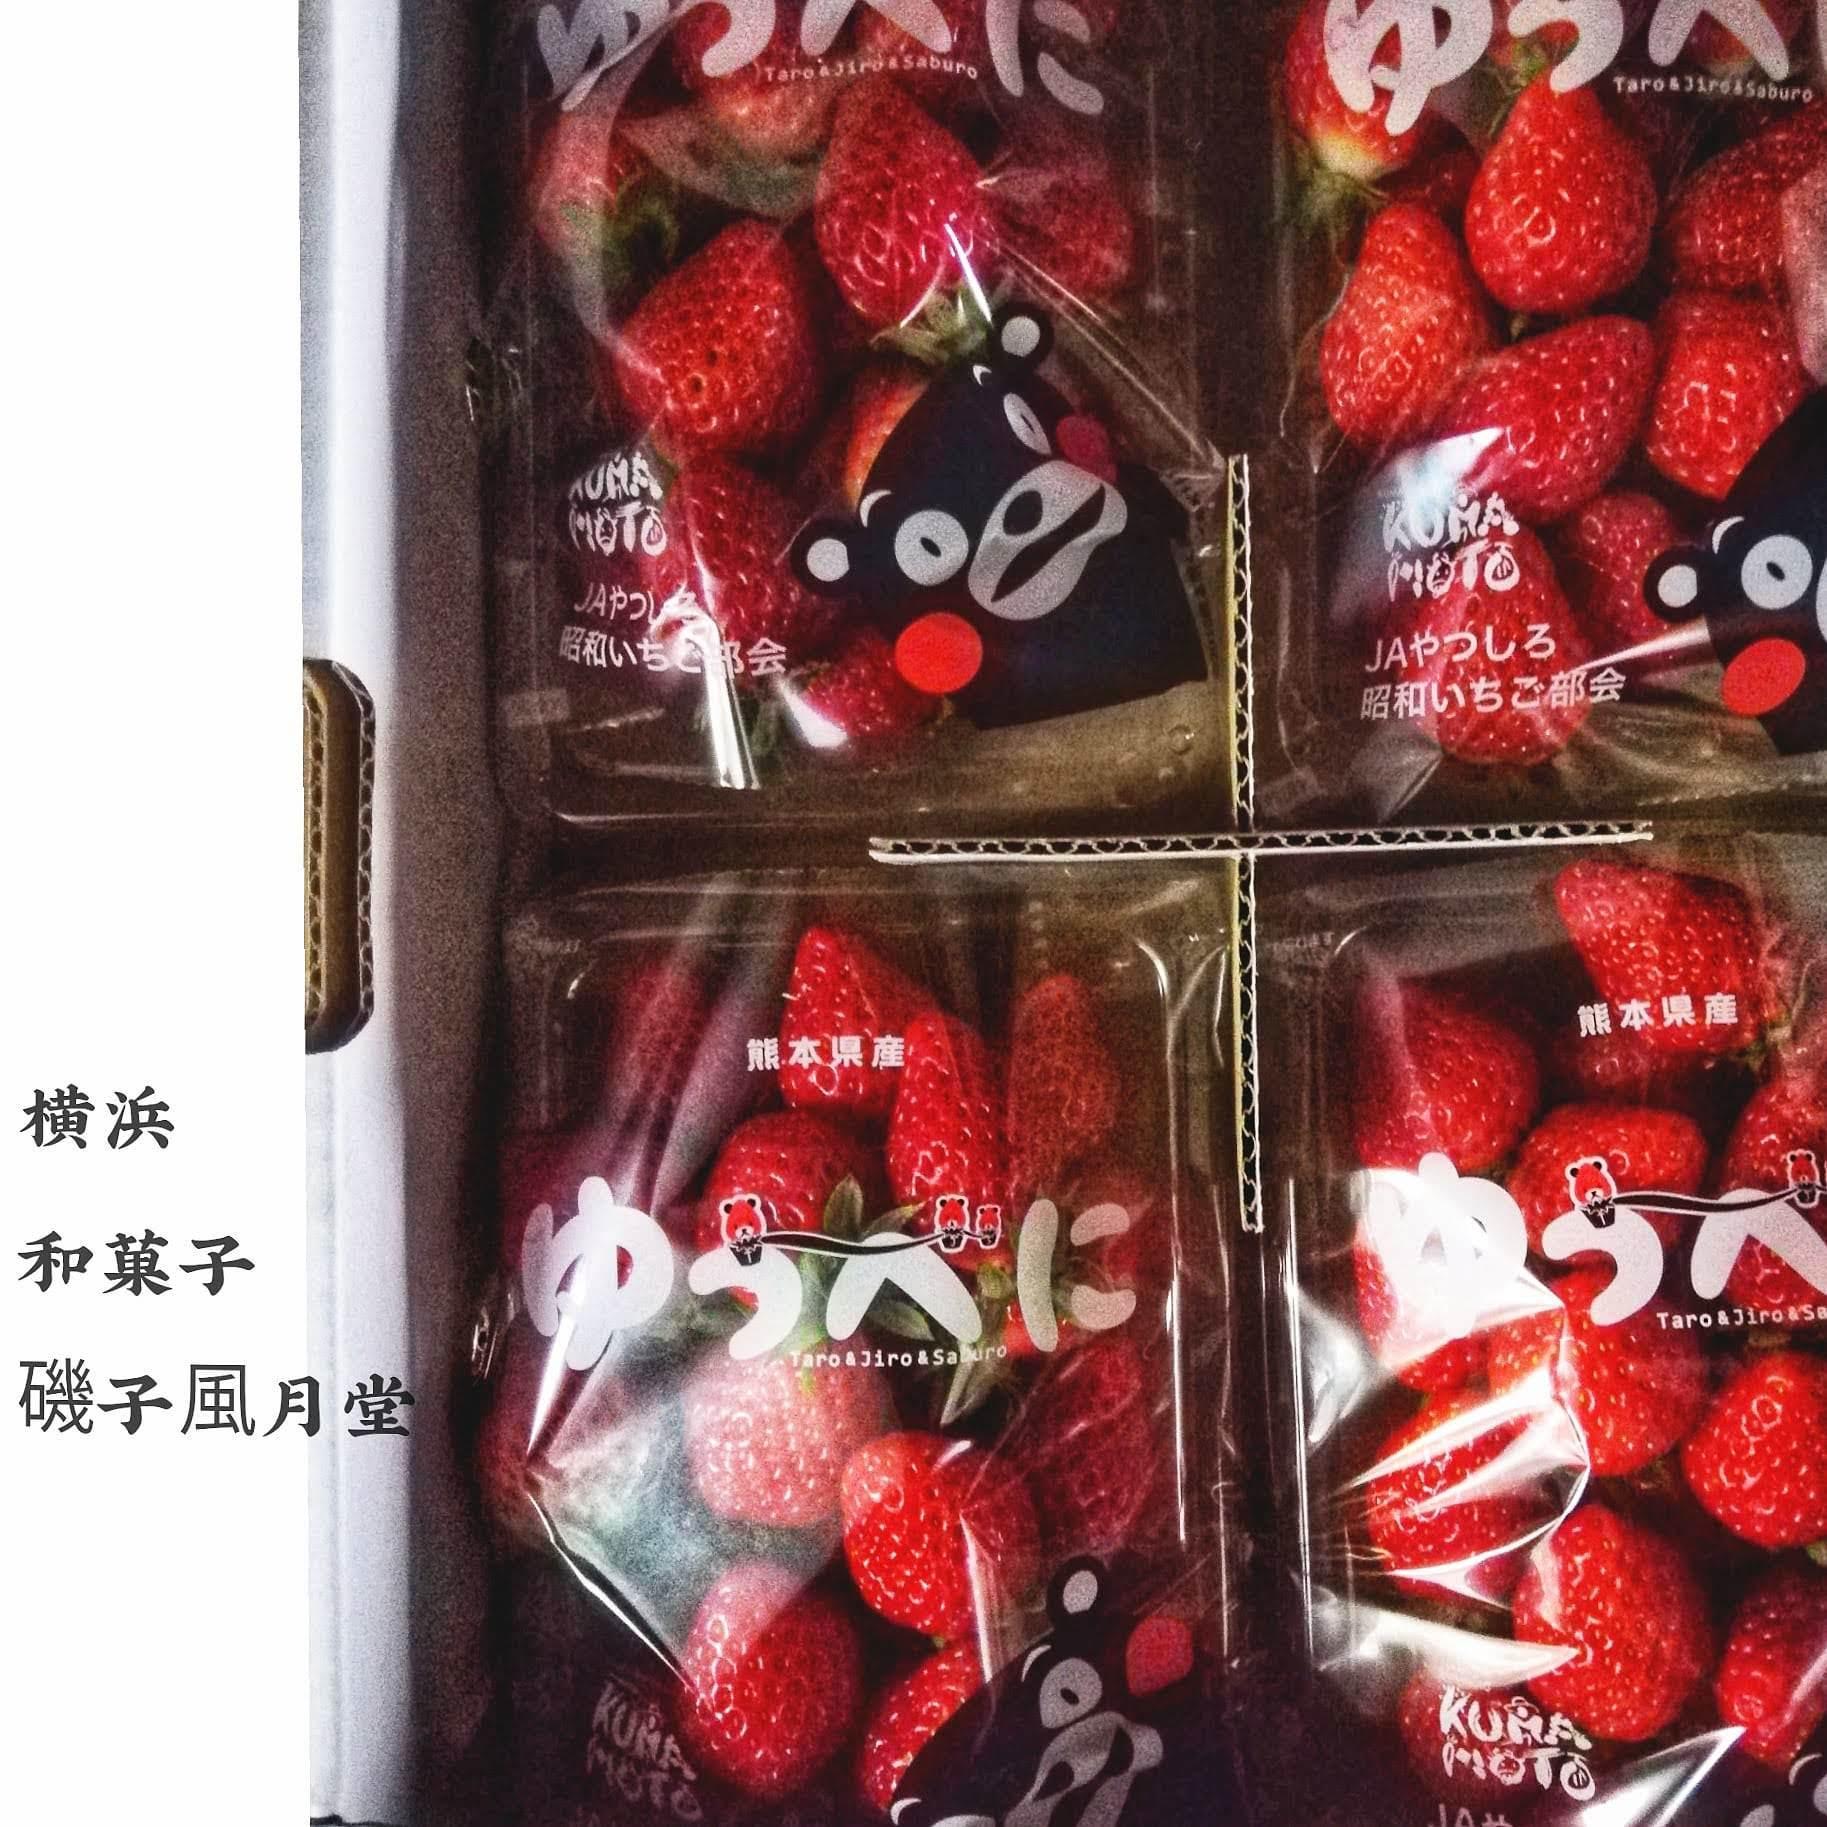 いろんな苺のいちご大福 @横浜和菓子磯子風月堂 金土日の週末限定販売です。_e0092594_22072348.jpg